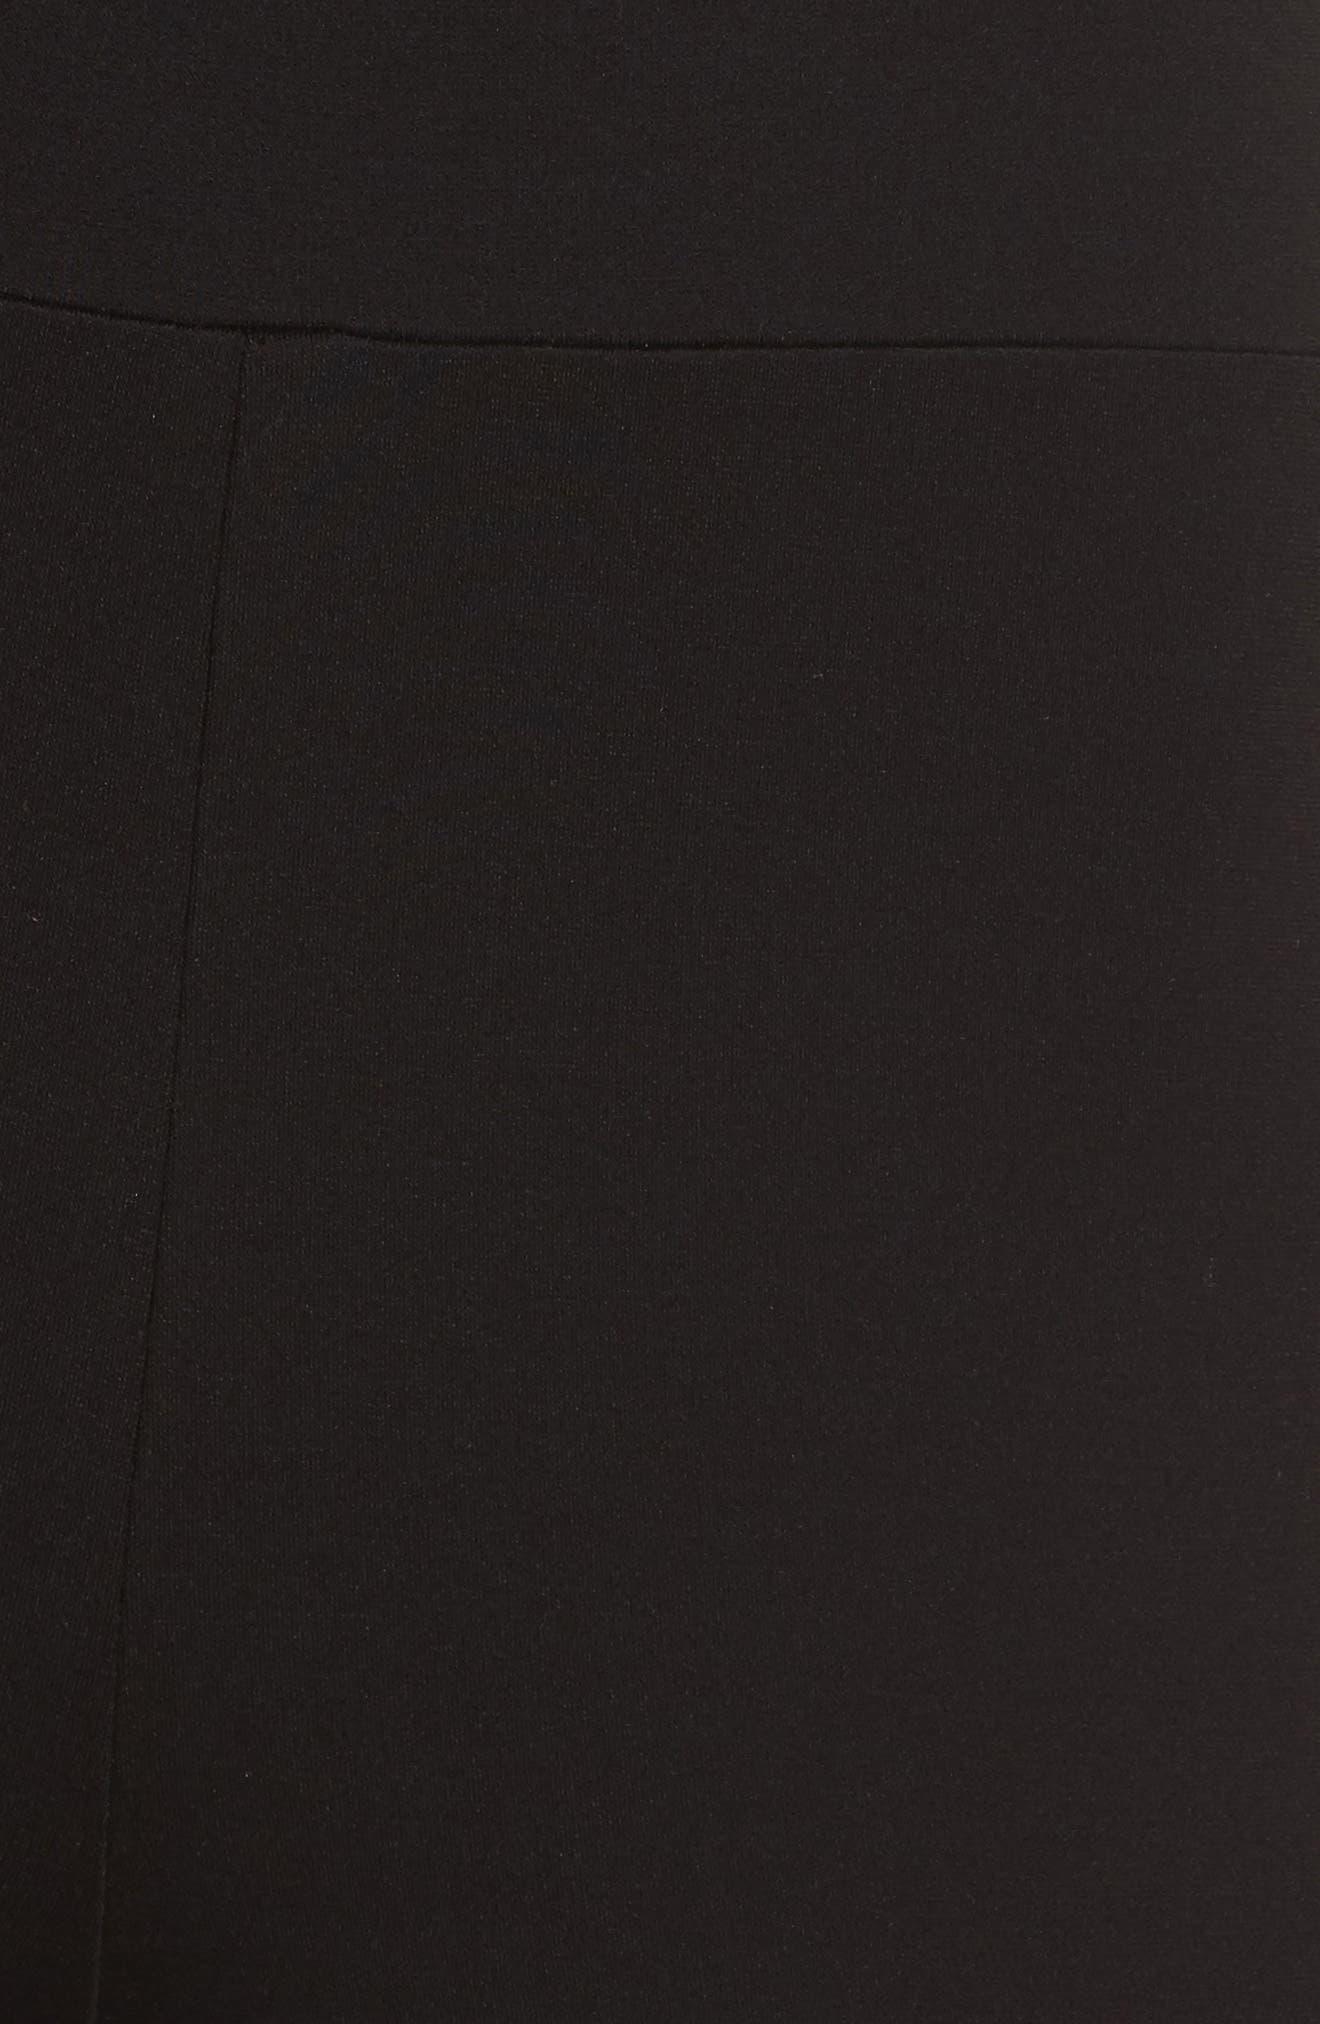 Femme Fatale Cutout Jumpsuit,                             Alternate thumbnail 6, color,                             Black